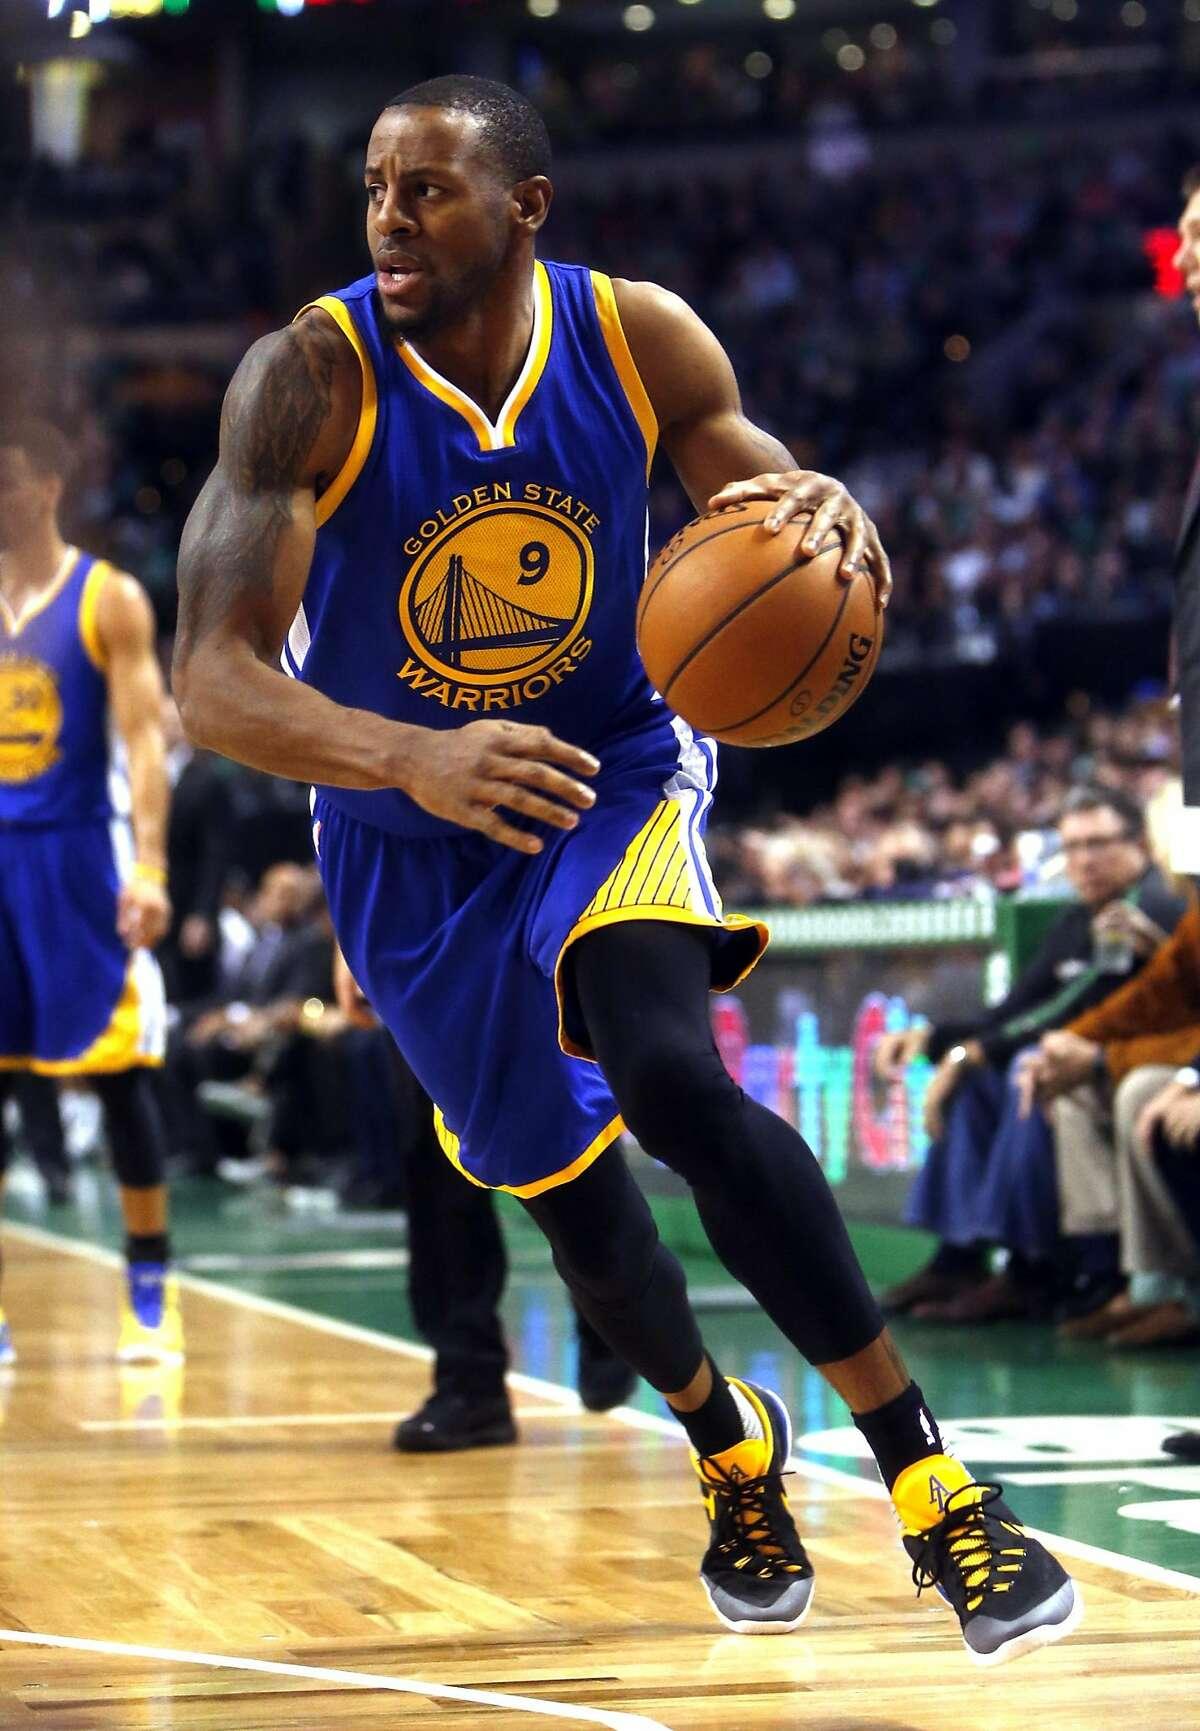 Golden State Warriors' Andre Iguodala against Boston Celtics during NBA game at TD Garden in Boston, Massachusetts on Friday, December 11, 2015.